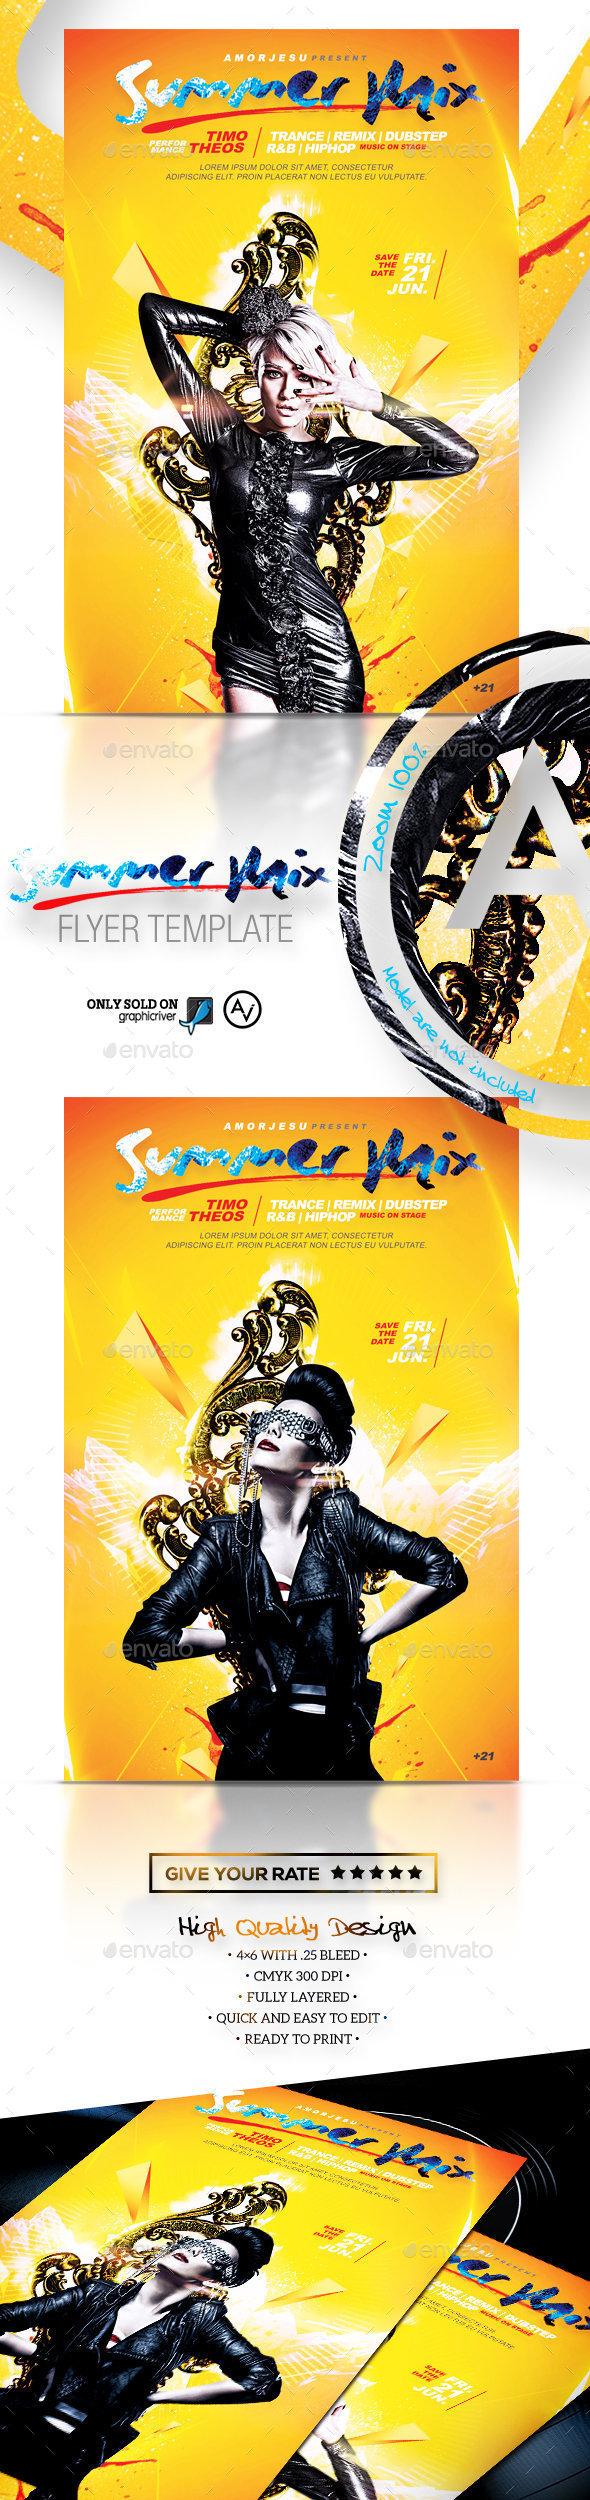 Summer Mix Flyer Template